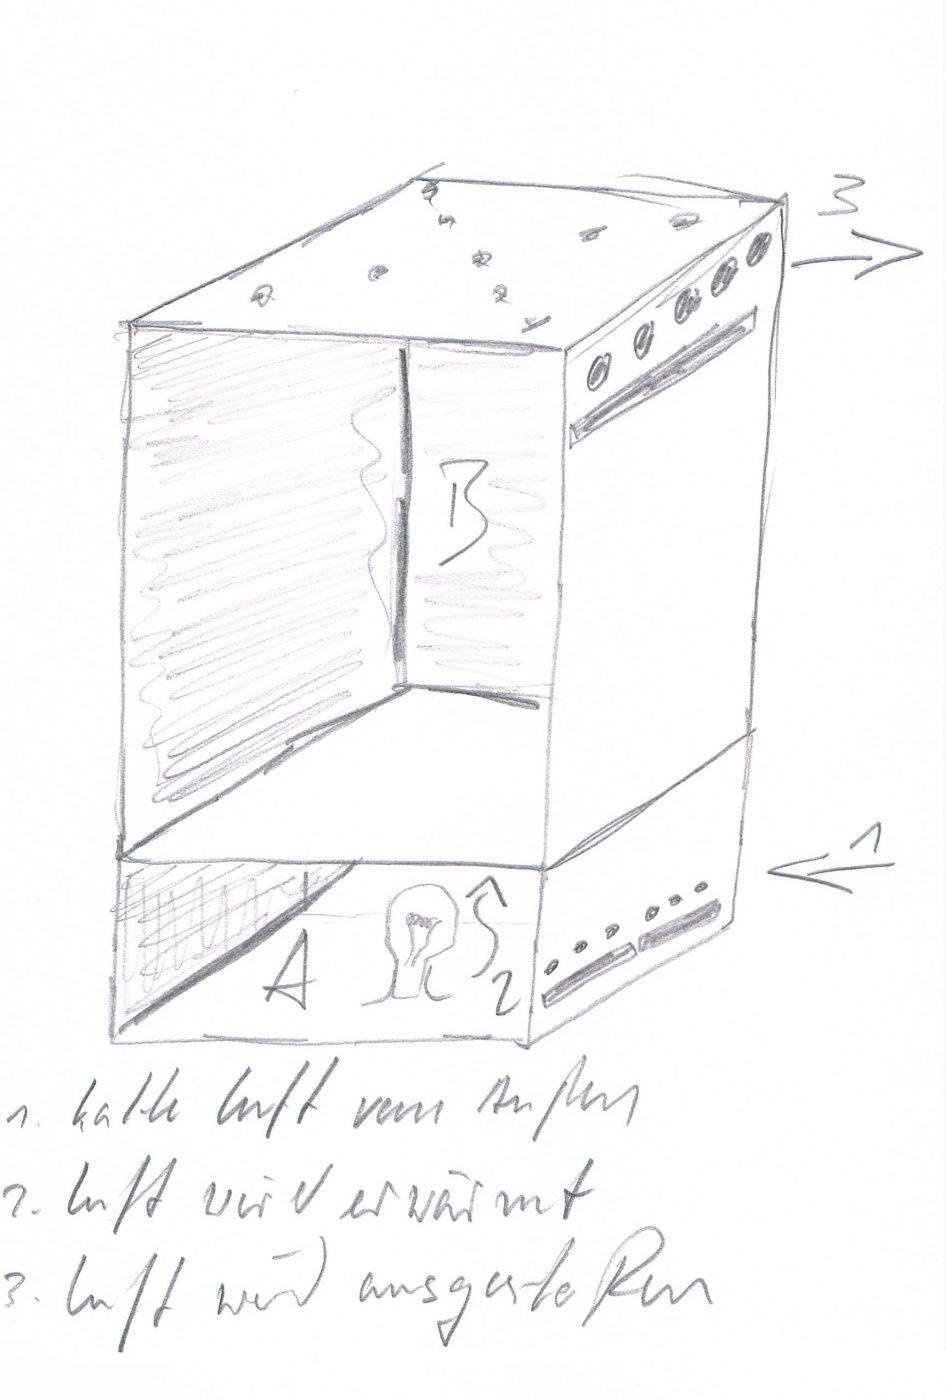 Das Konzept einer Biltongbox